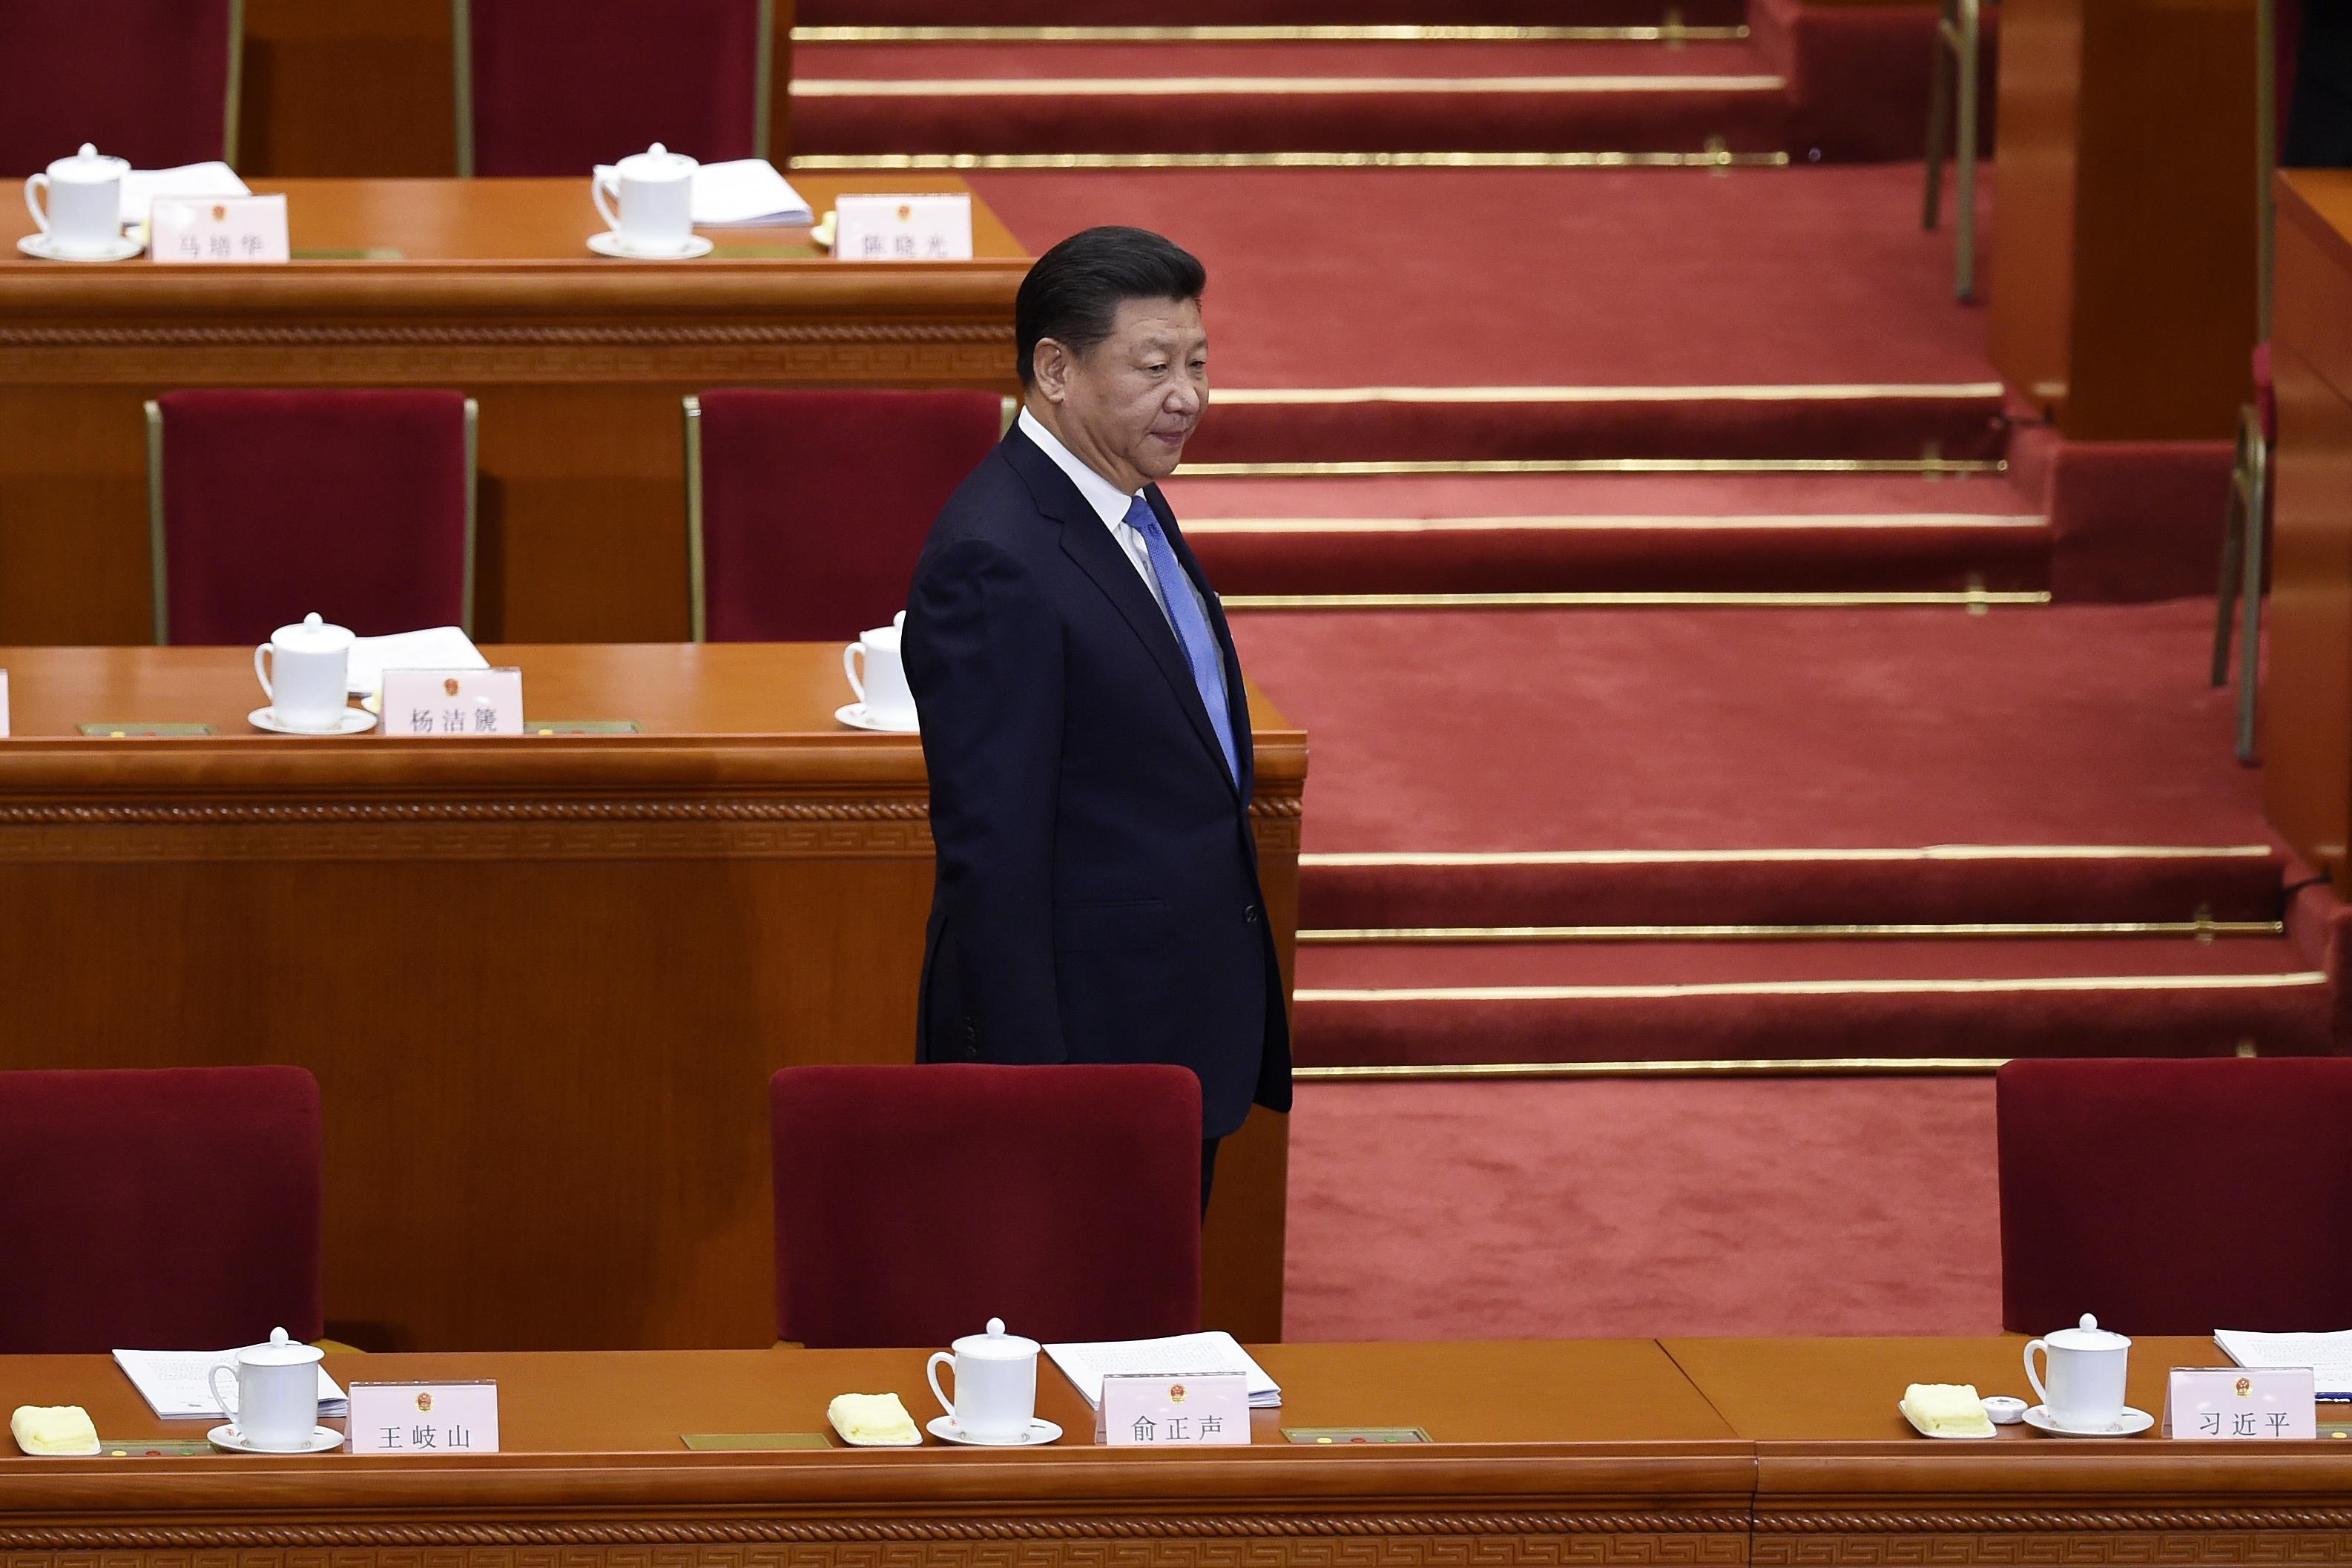 圖為習近平在中共十九大會議上。 (WANG ZHAO/AFP/Getty Images)